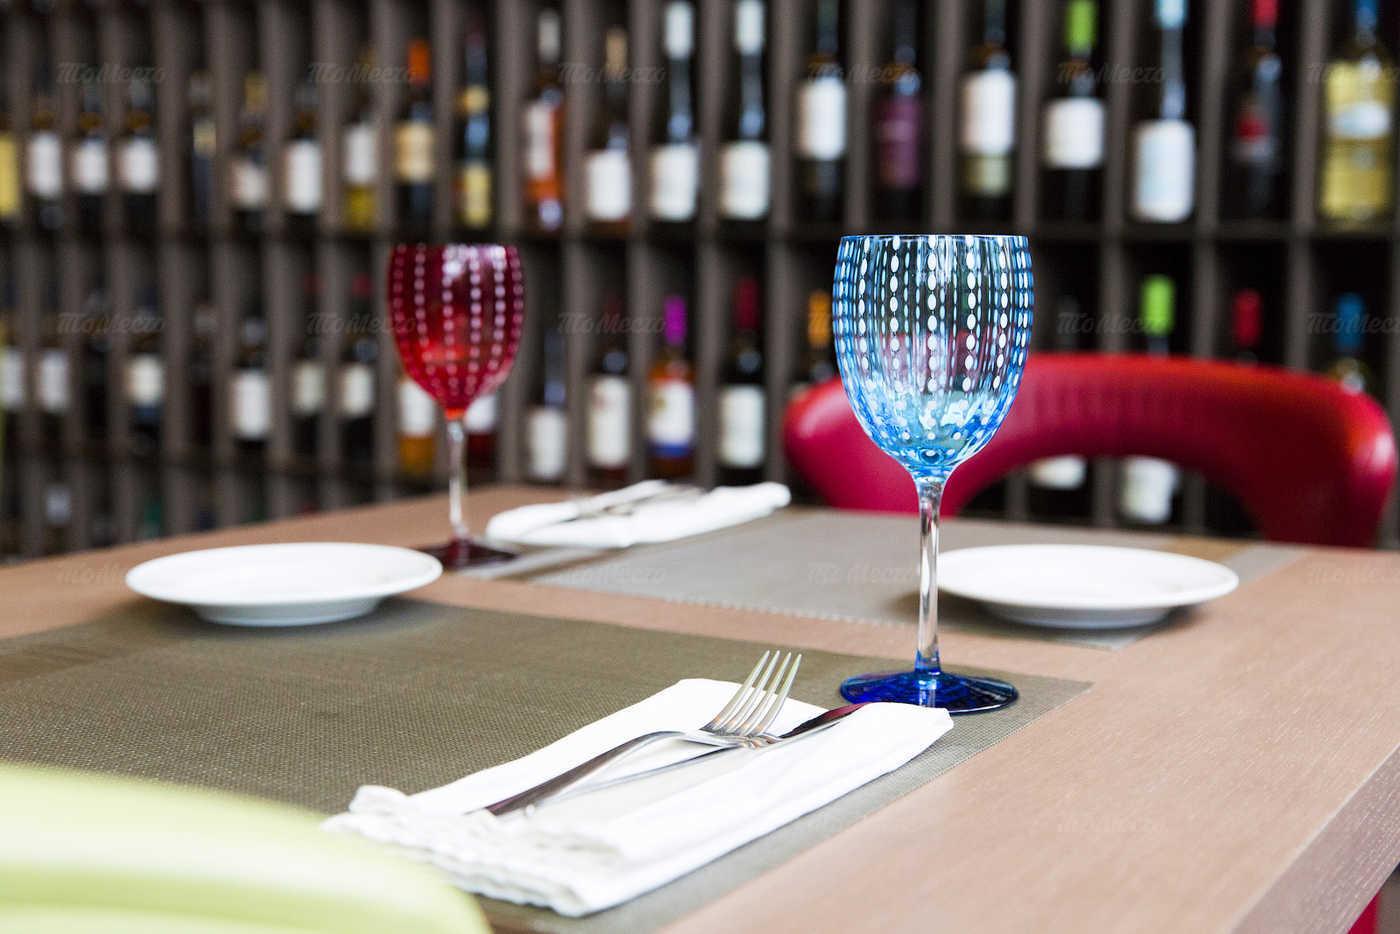 Меню ресторана Wine City (бывш. Grand Cru) на Пресненской набережной